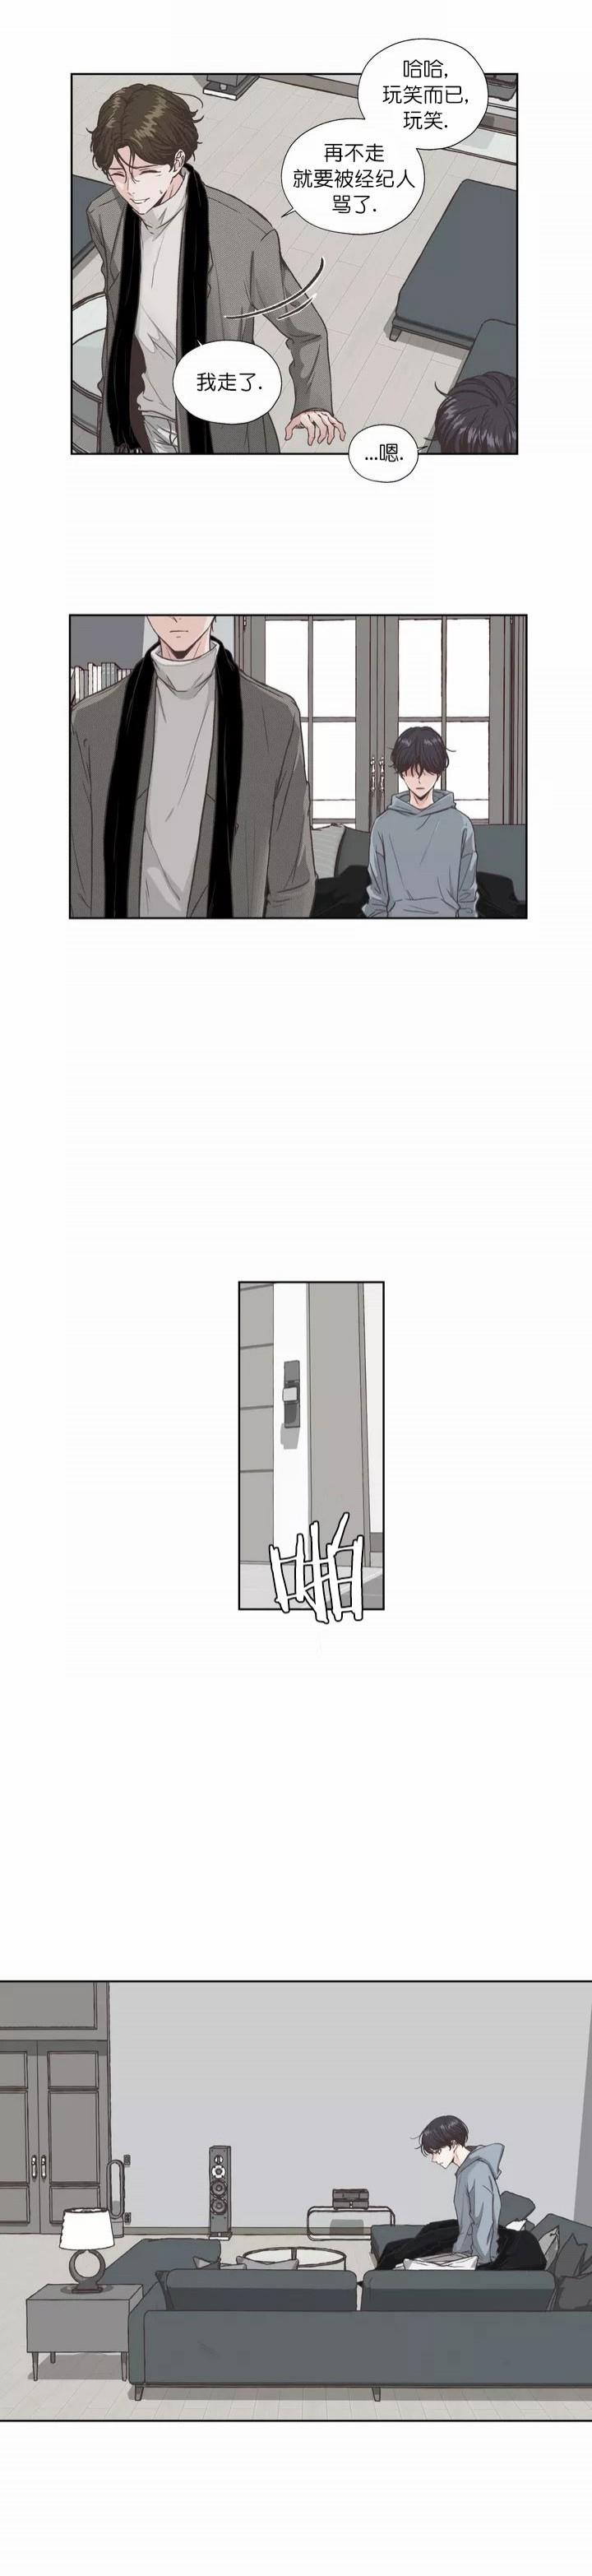 《一听钟情》漫画完整版 & 全文免费阅读